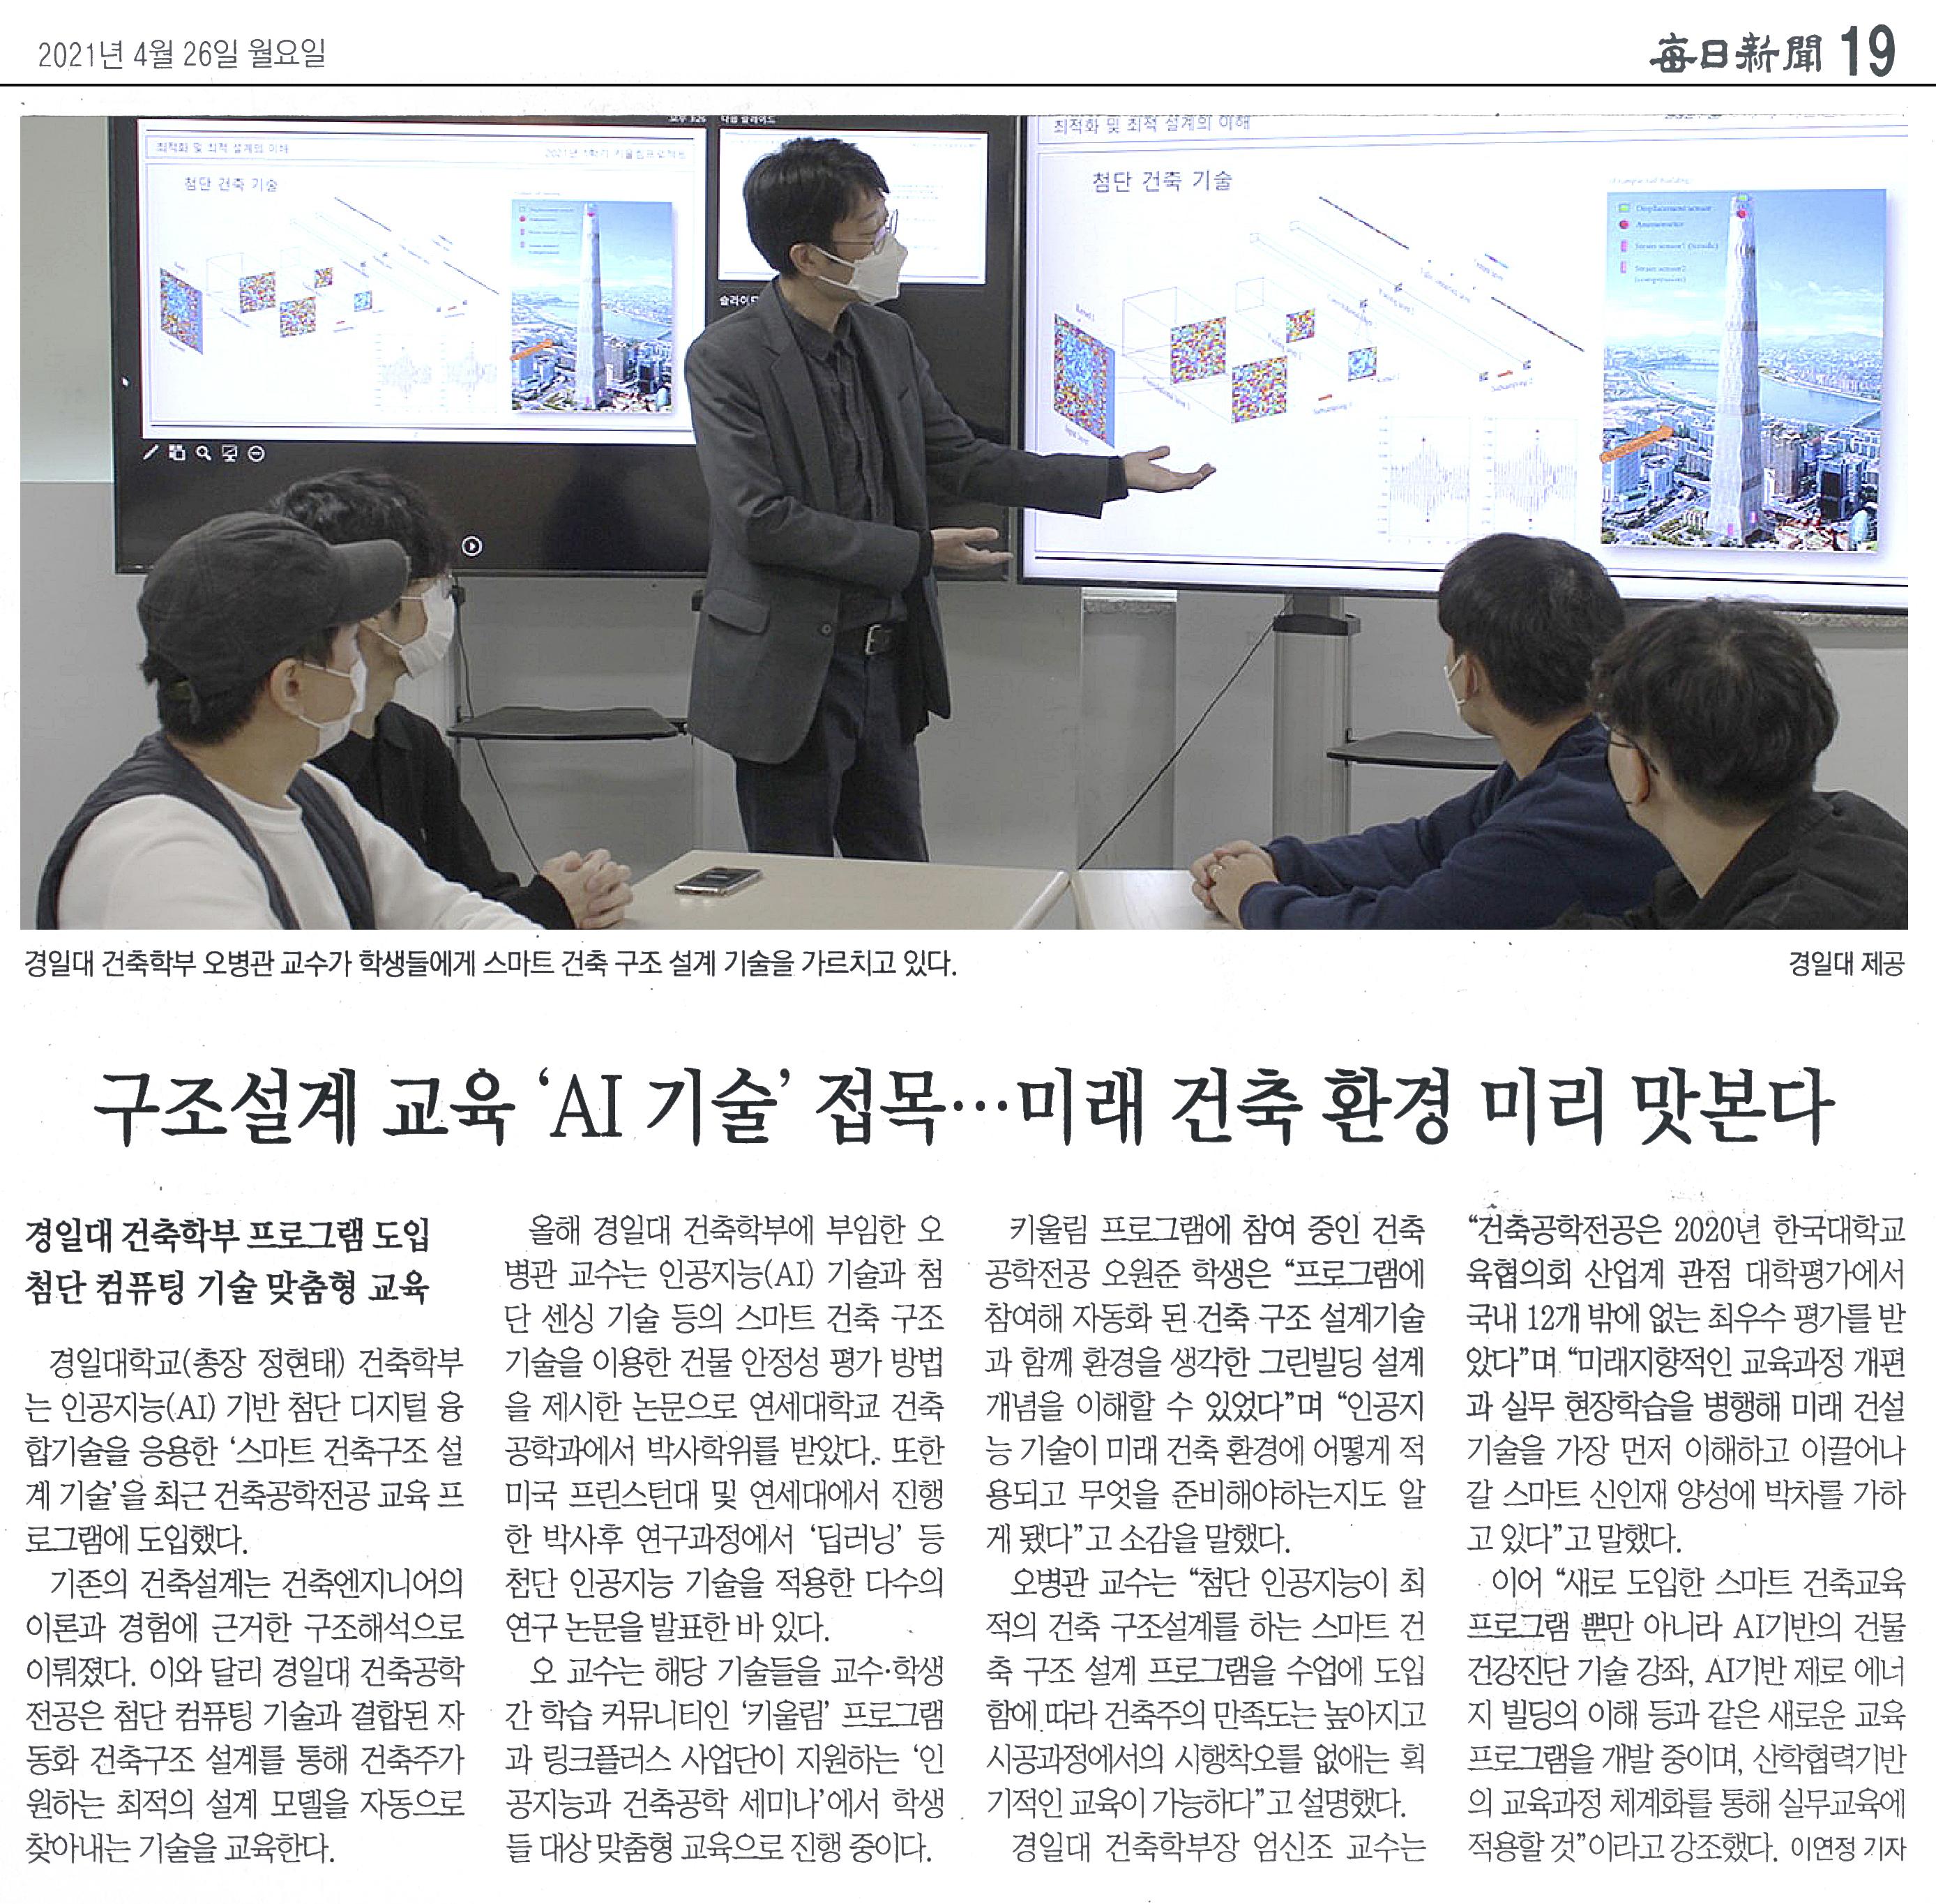 매일신문_구조설계 교육 'AI 기술'접목, 미래 건축 환경 미리 맛본다